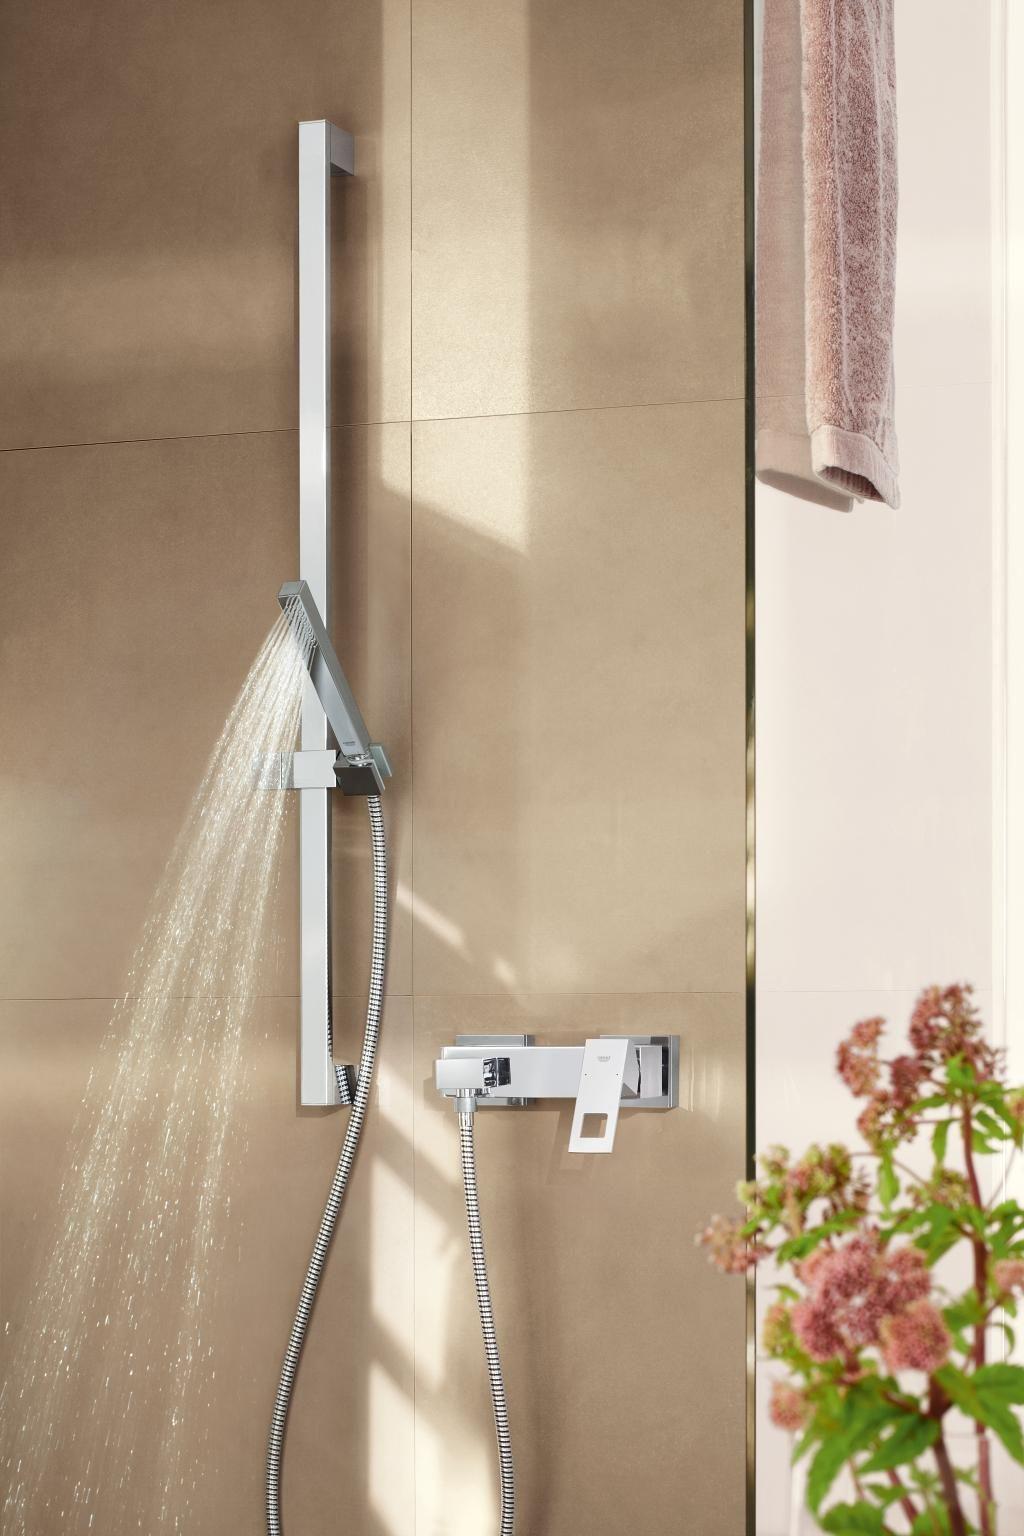 Finde Jetzt Dein Traumbad Wertvolle Tipps Von Der Planung Bis Zur Umsetzung Badezimmer Renovieren Wasserhahn Bad Inspiration